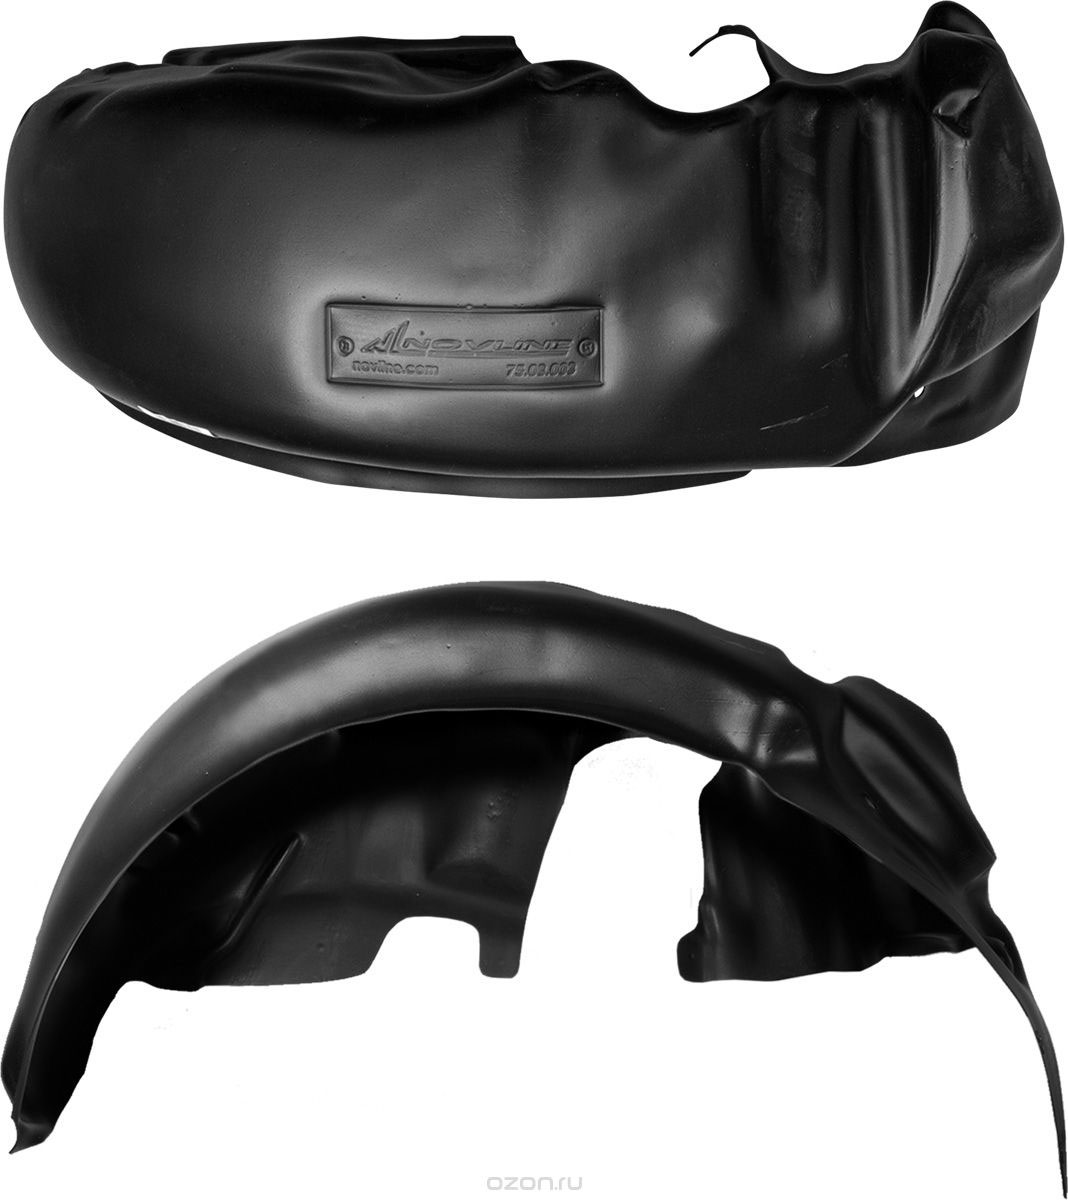 Подкрылок Novline-Autofamily, для CHERY A13, 2010-> сед., задний левыйSVC-300Идеальная защита колесной ниши. Локеры разработаны с применением цифровых технологий, гарантируют максимальную повторяемость поверхности арки. Изделия устанавливаются без нарушения лакокрасочного покрытия автомобиля, каждый подкрылок комплектуется крепежом. Уважаемые клиенты, обращаем ваше внимание, что фотографии на подкрылки универсальные и не отражают реальную форму изделия. При этом само изделие идет точно под размер указанного автомобиля.